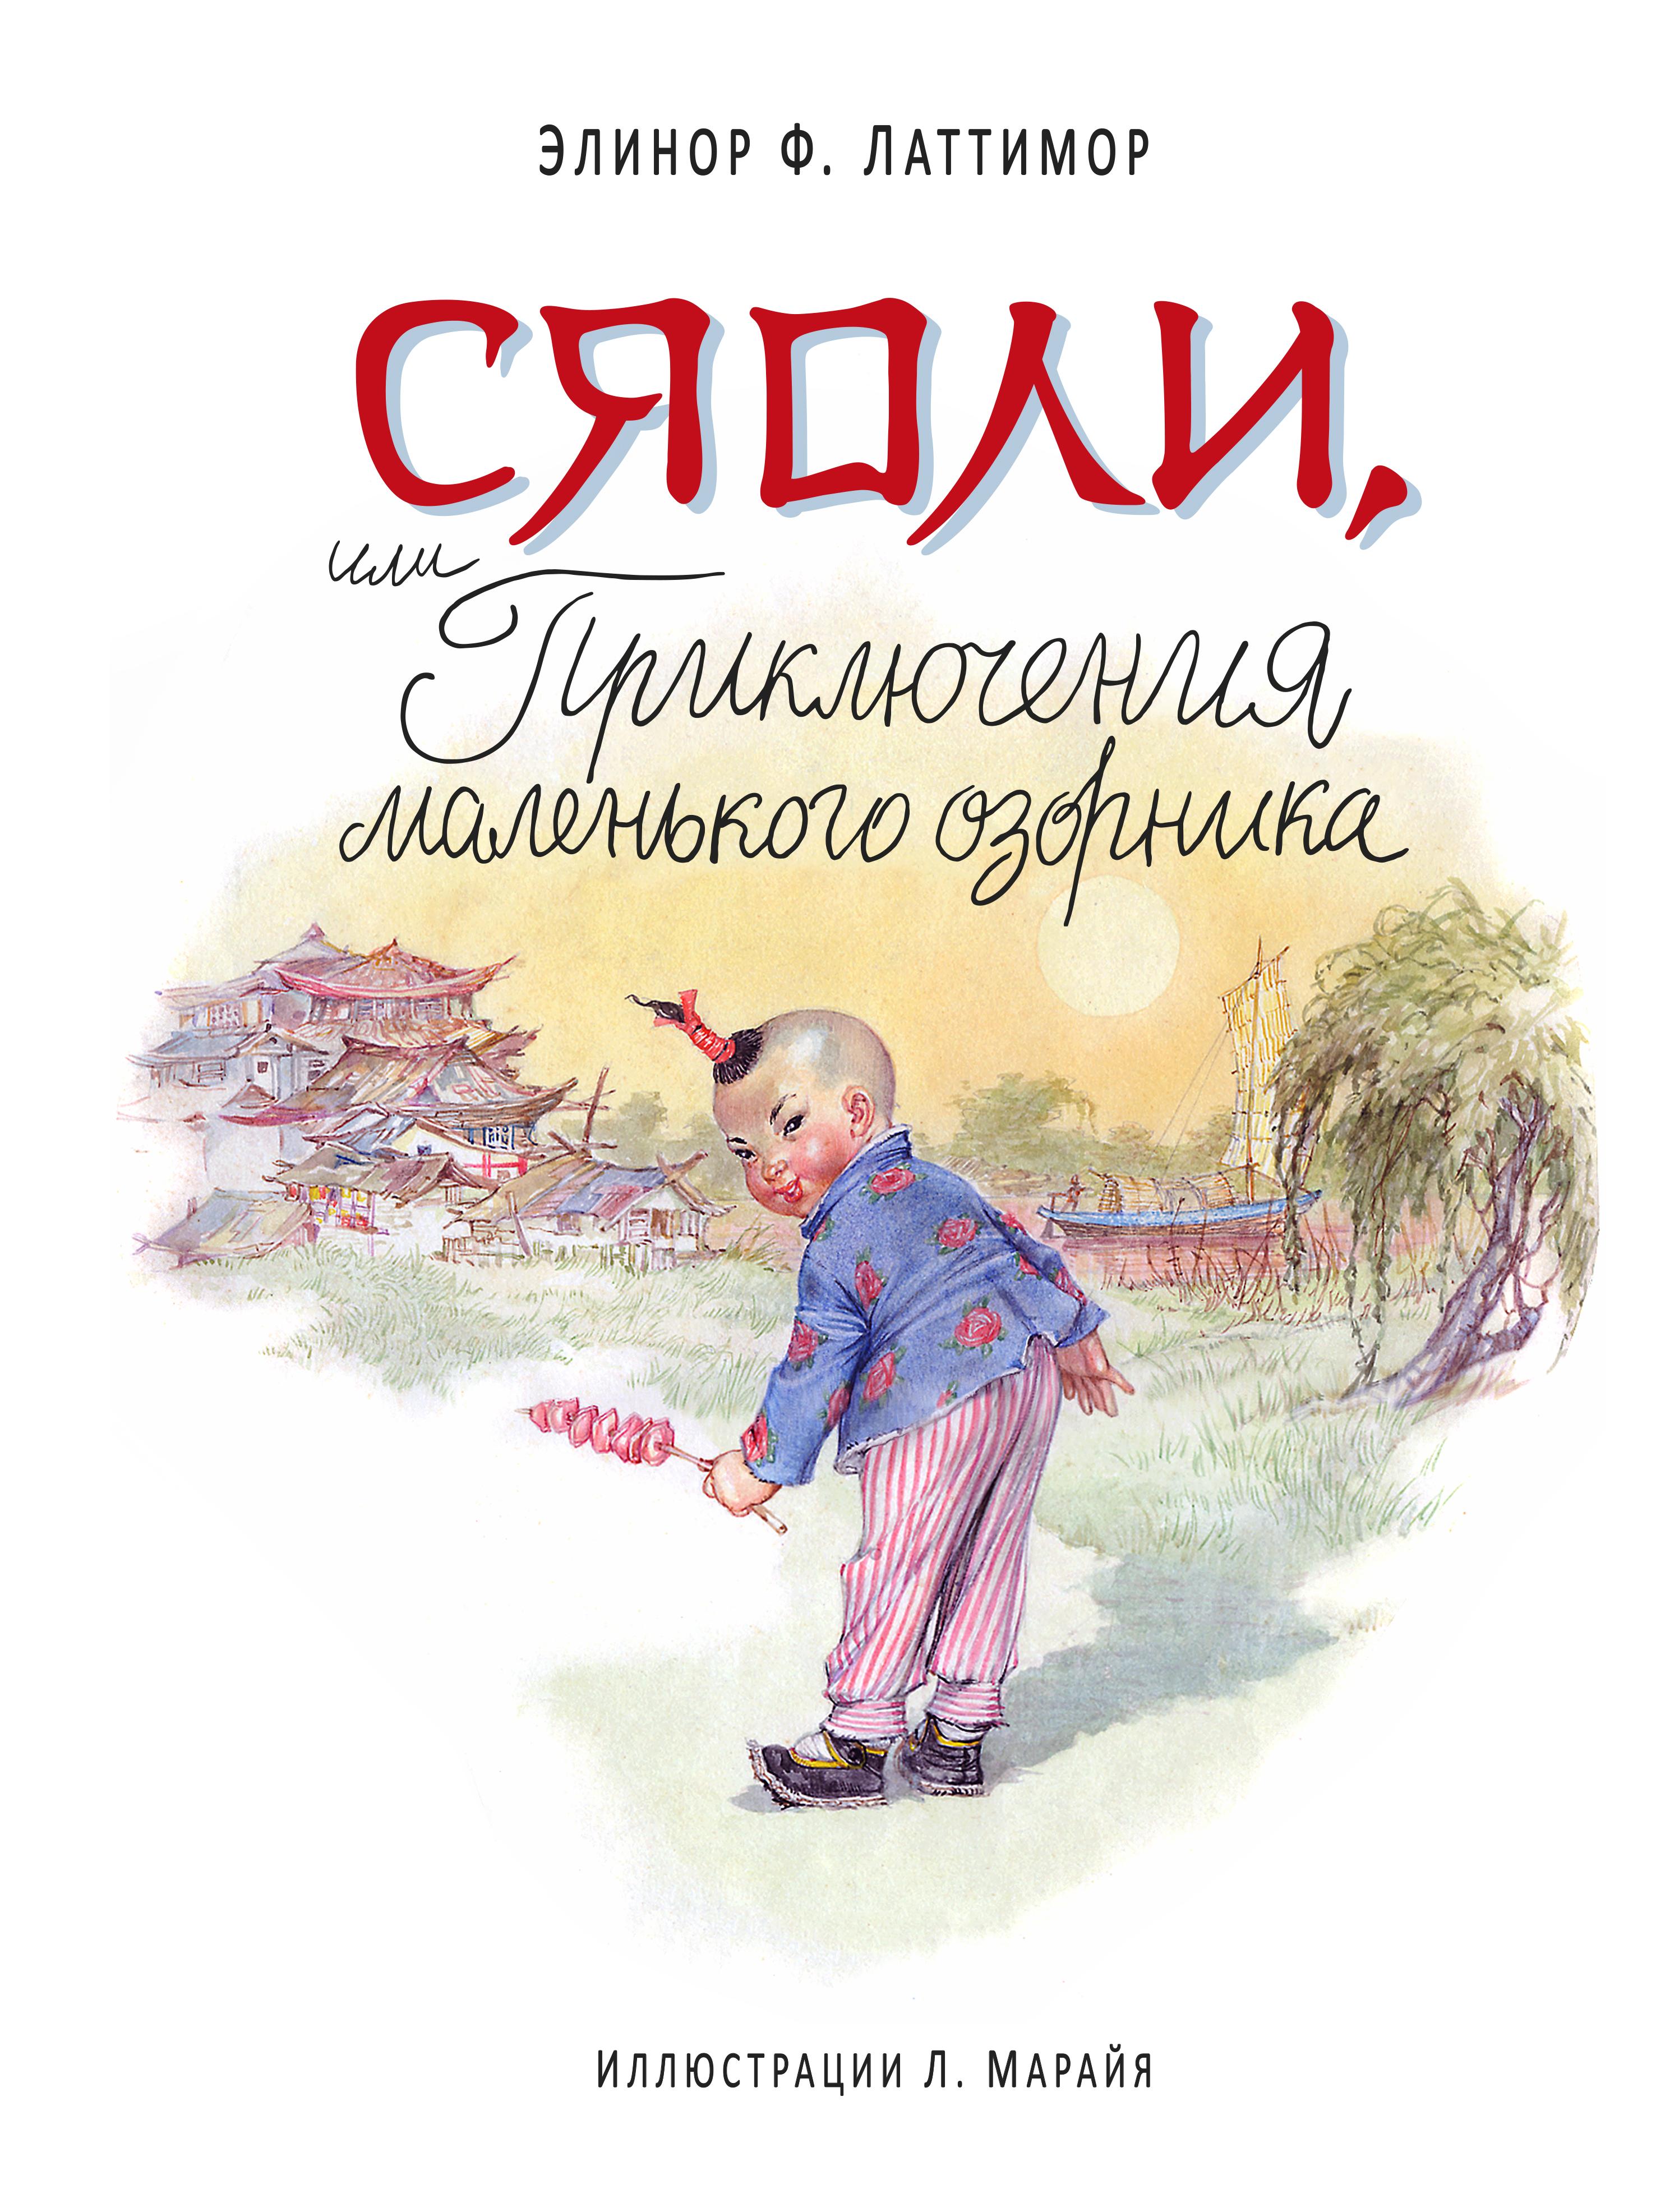 Латтимор Э. Сяоли, или Приключения маленького озорника ISBN: 978-5-699-85215-4